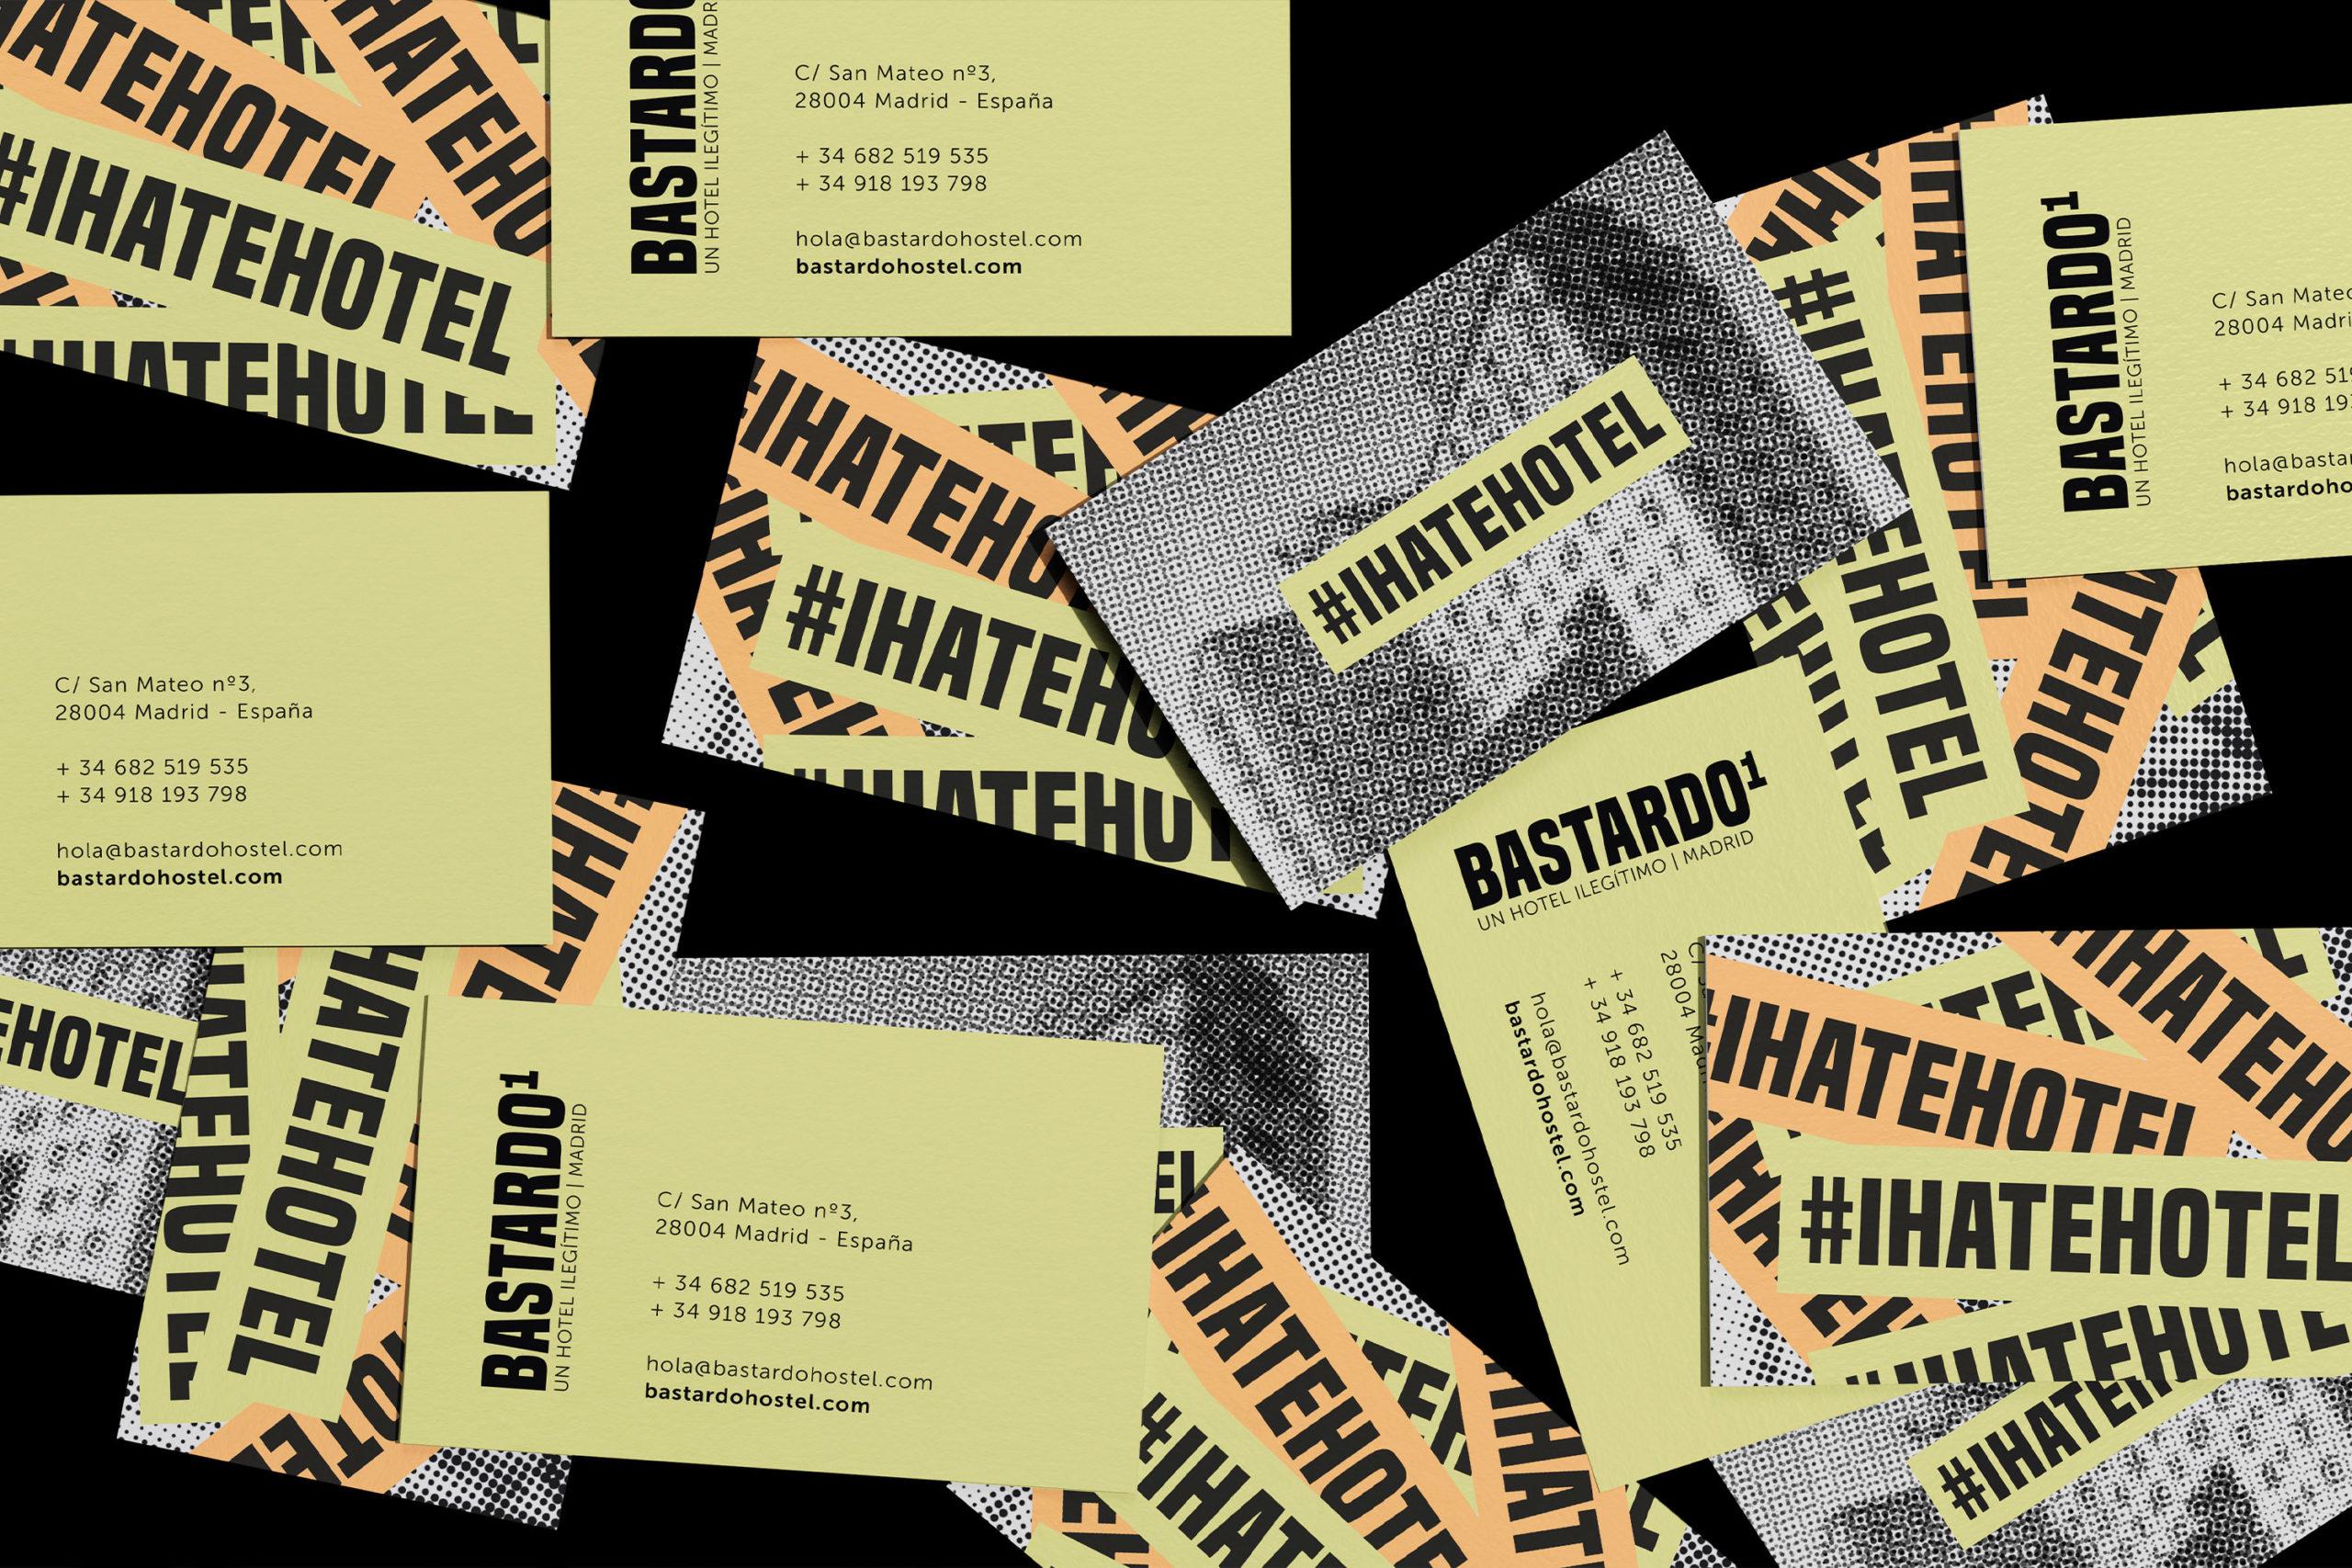 Proyecto de Naming y branding para el Hostel bastardo